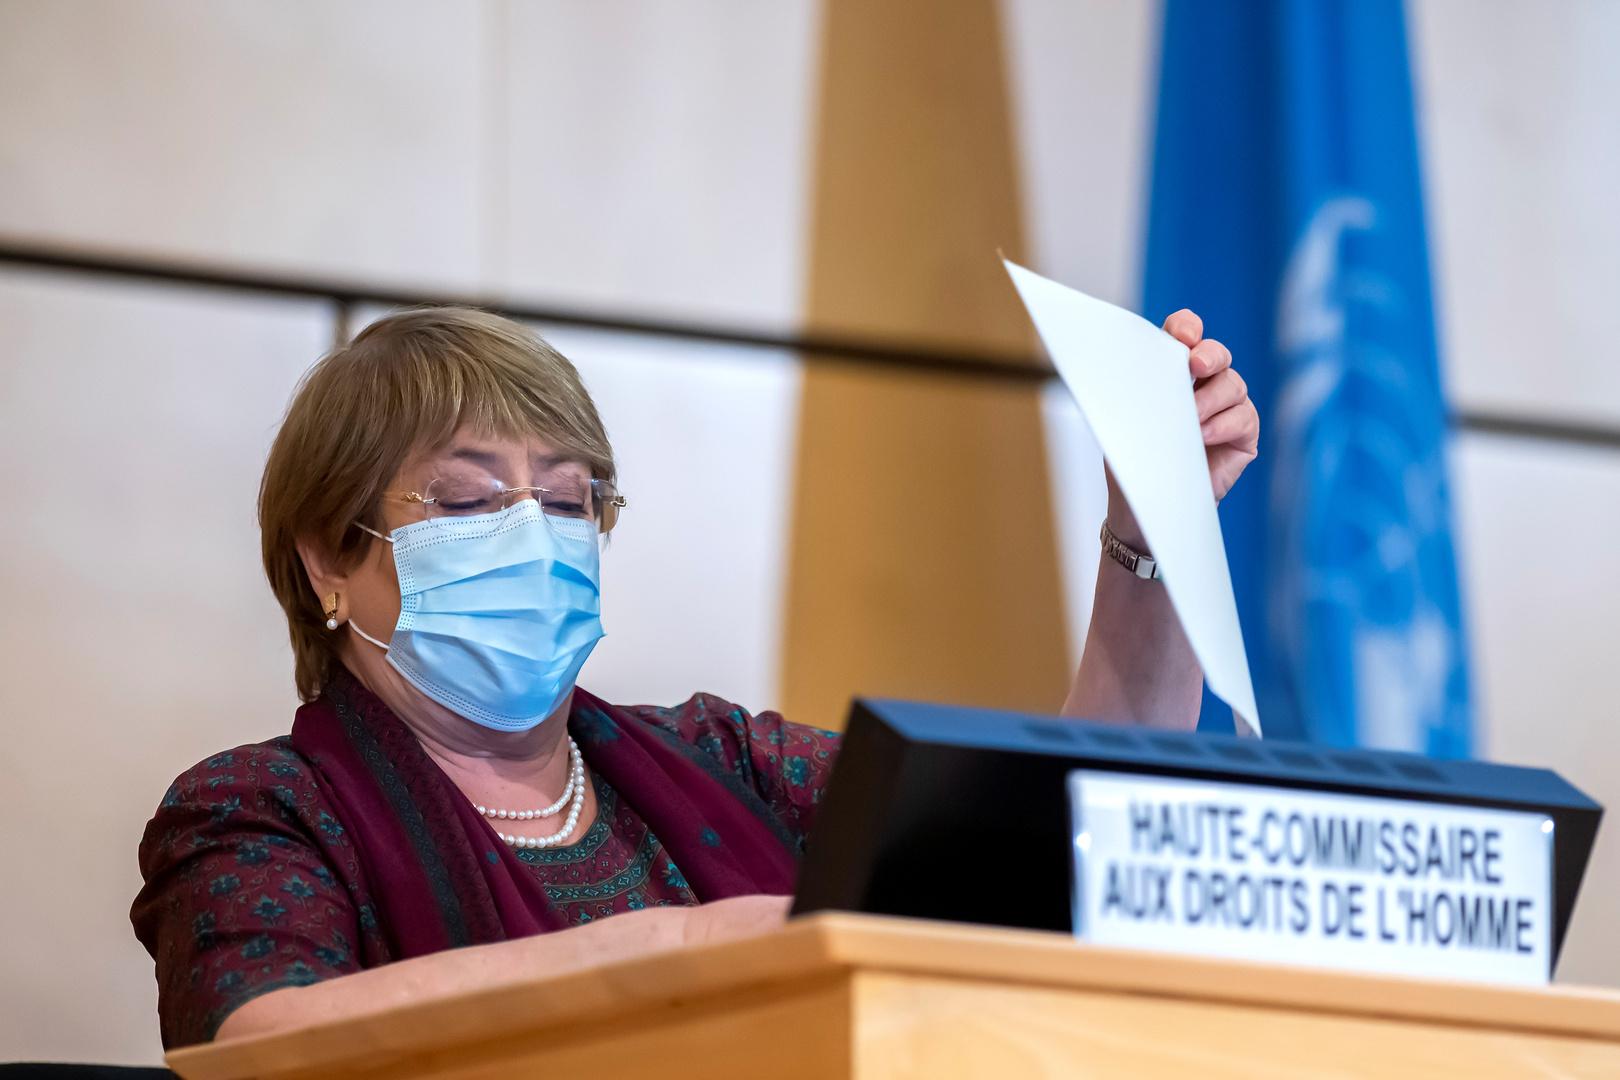 مفوضة الأمم المتحدة لحقوق الإنسان ميشيل باشيليت